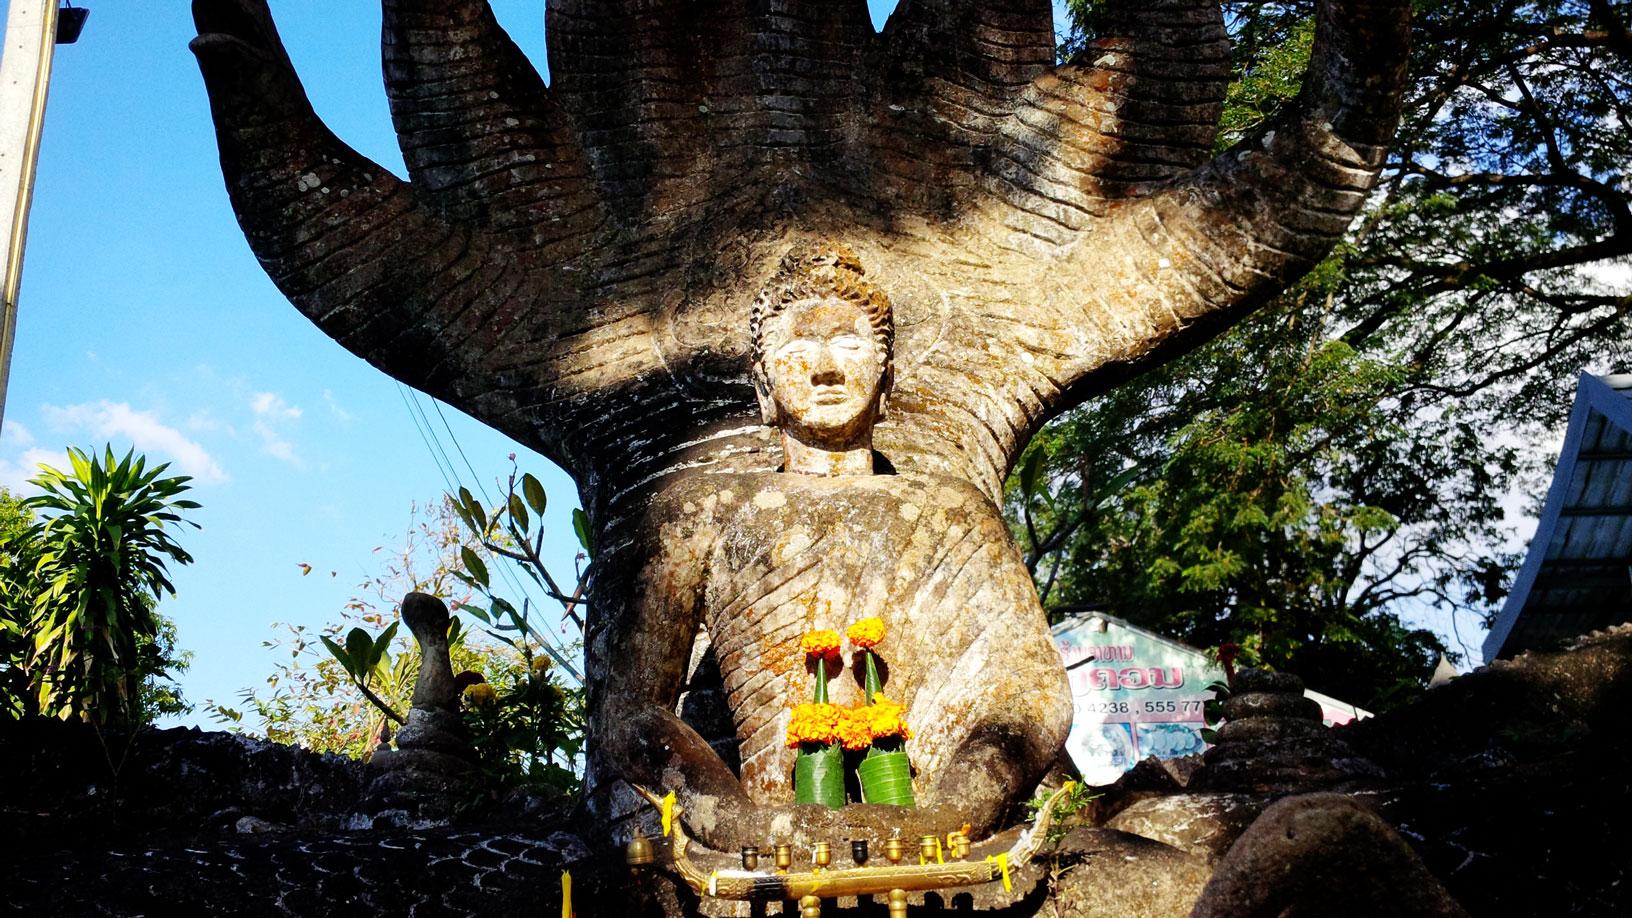 Độc đáo những bức tượng rắn trong chùa ở Viêng Chăn - Ảnh 4.